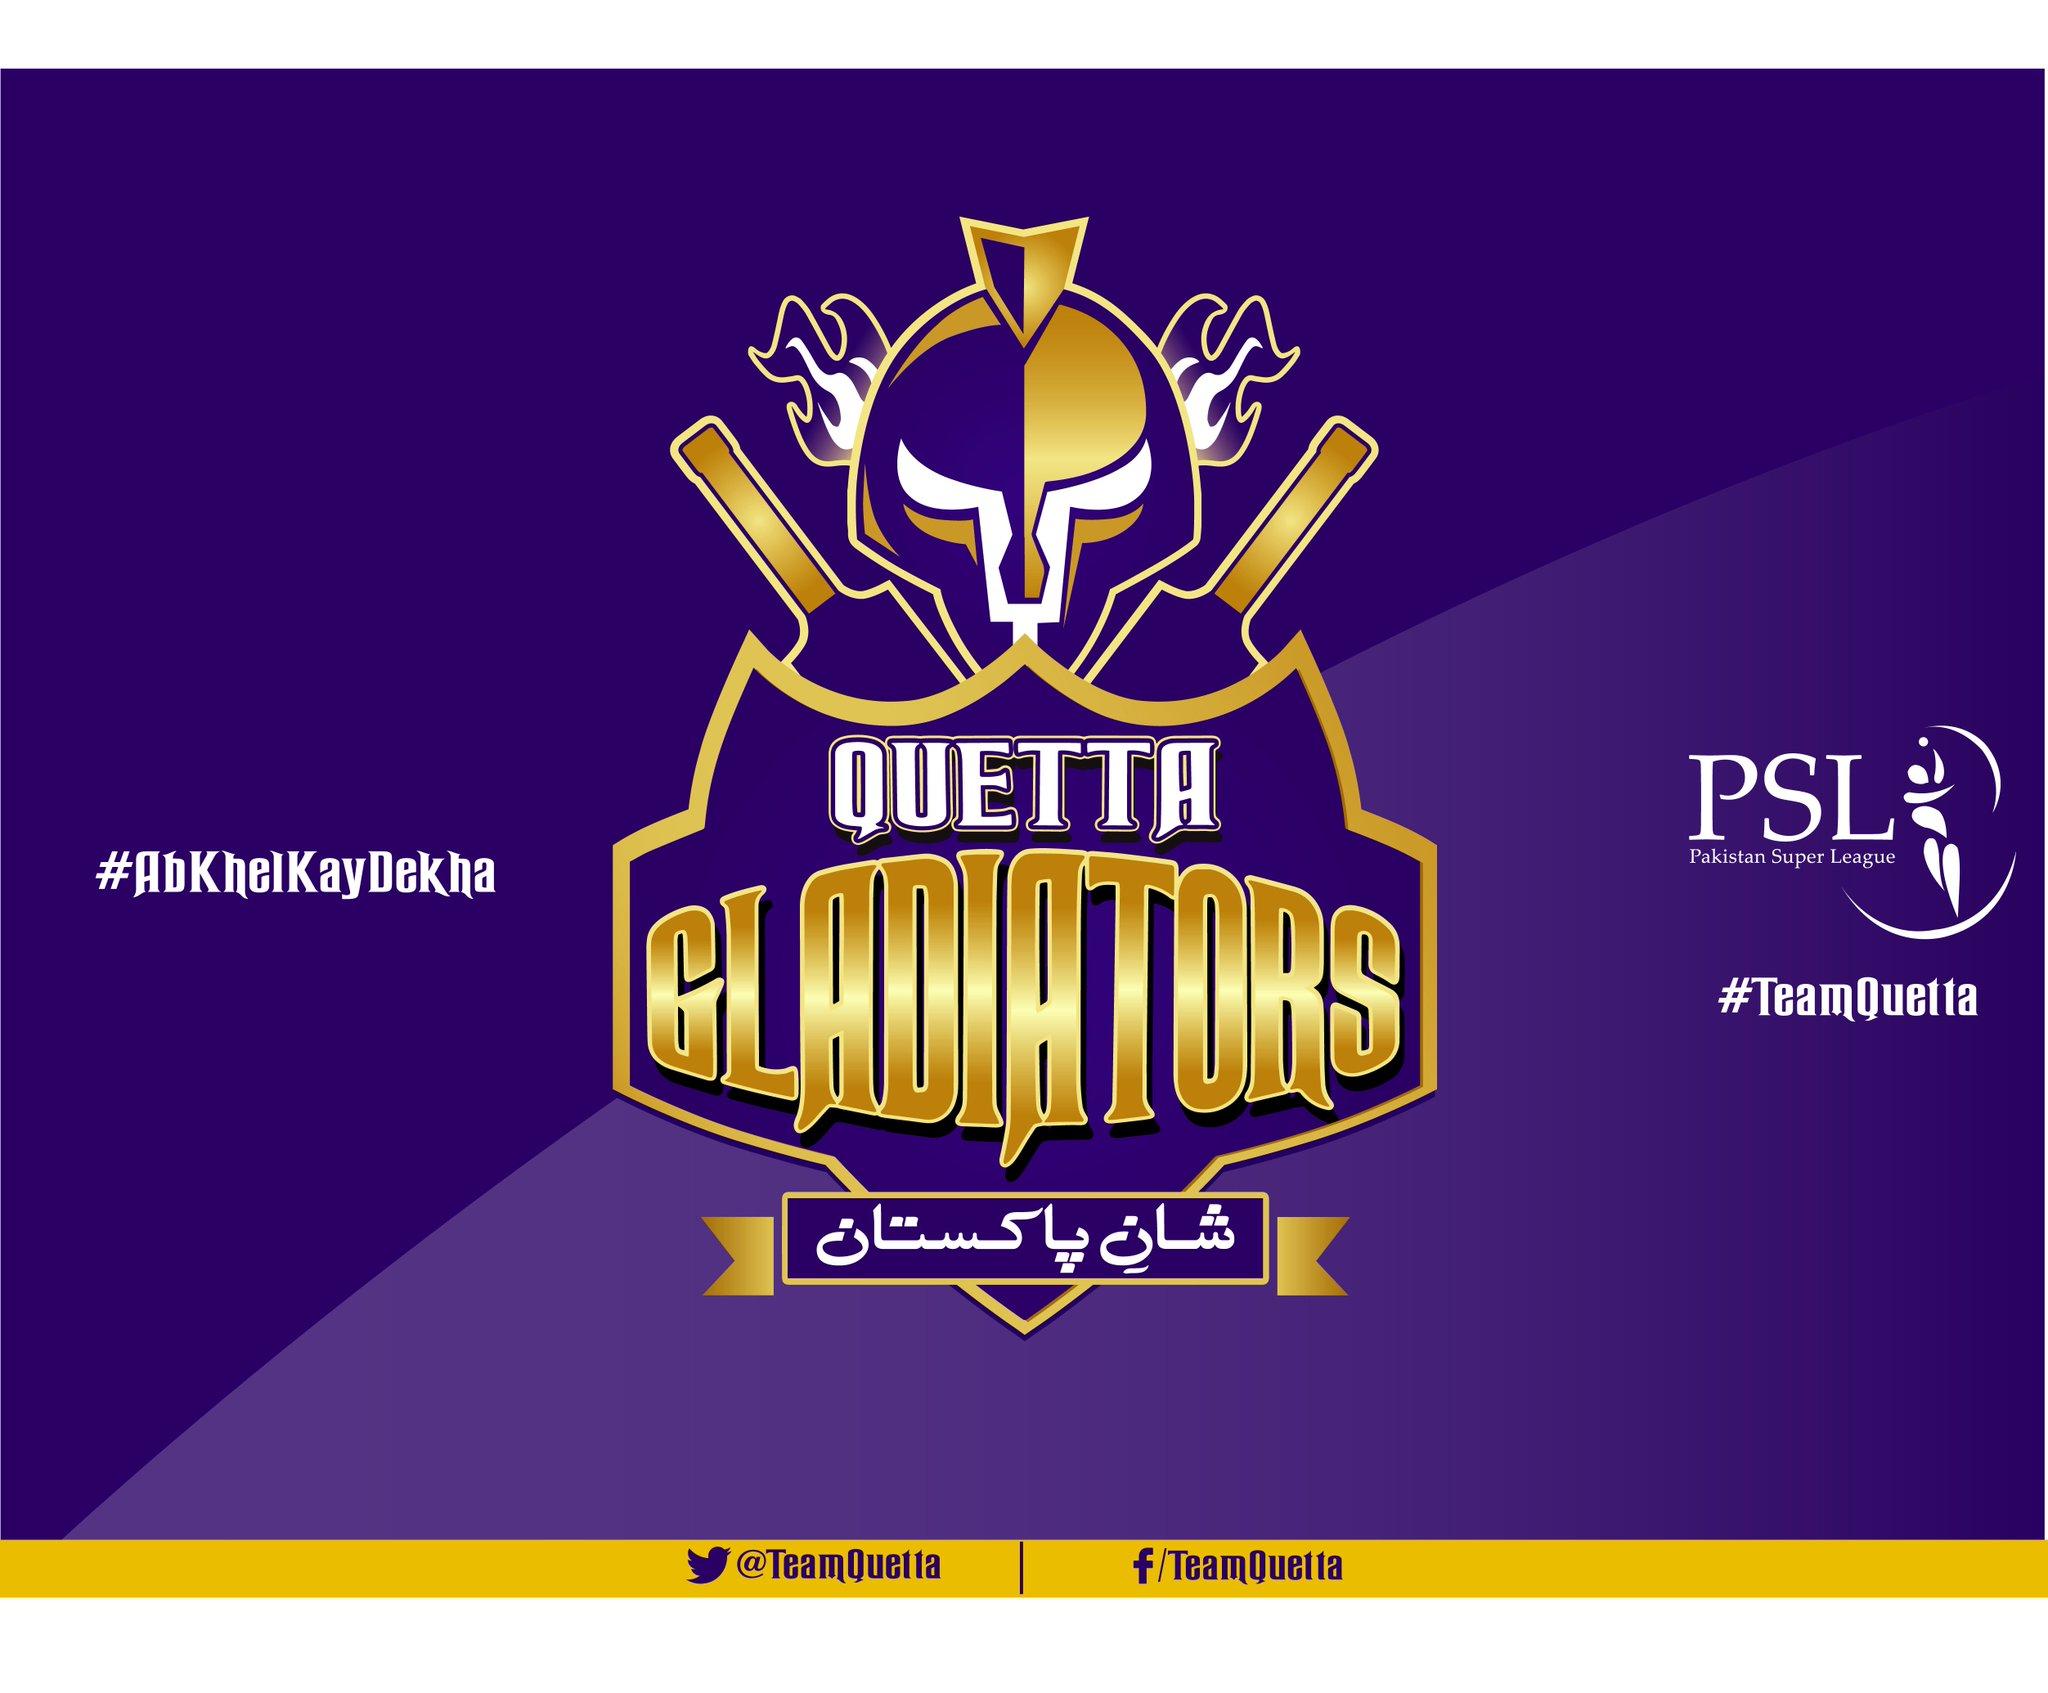 Quetta Gladiators Team Squad For PSL 2016